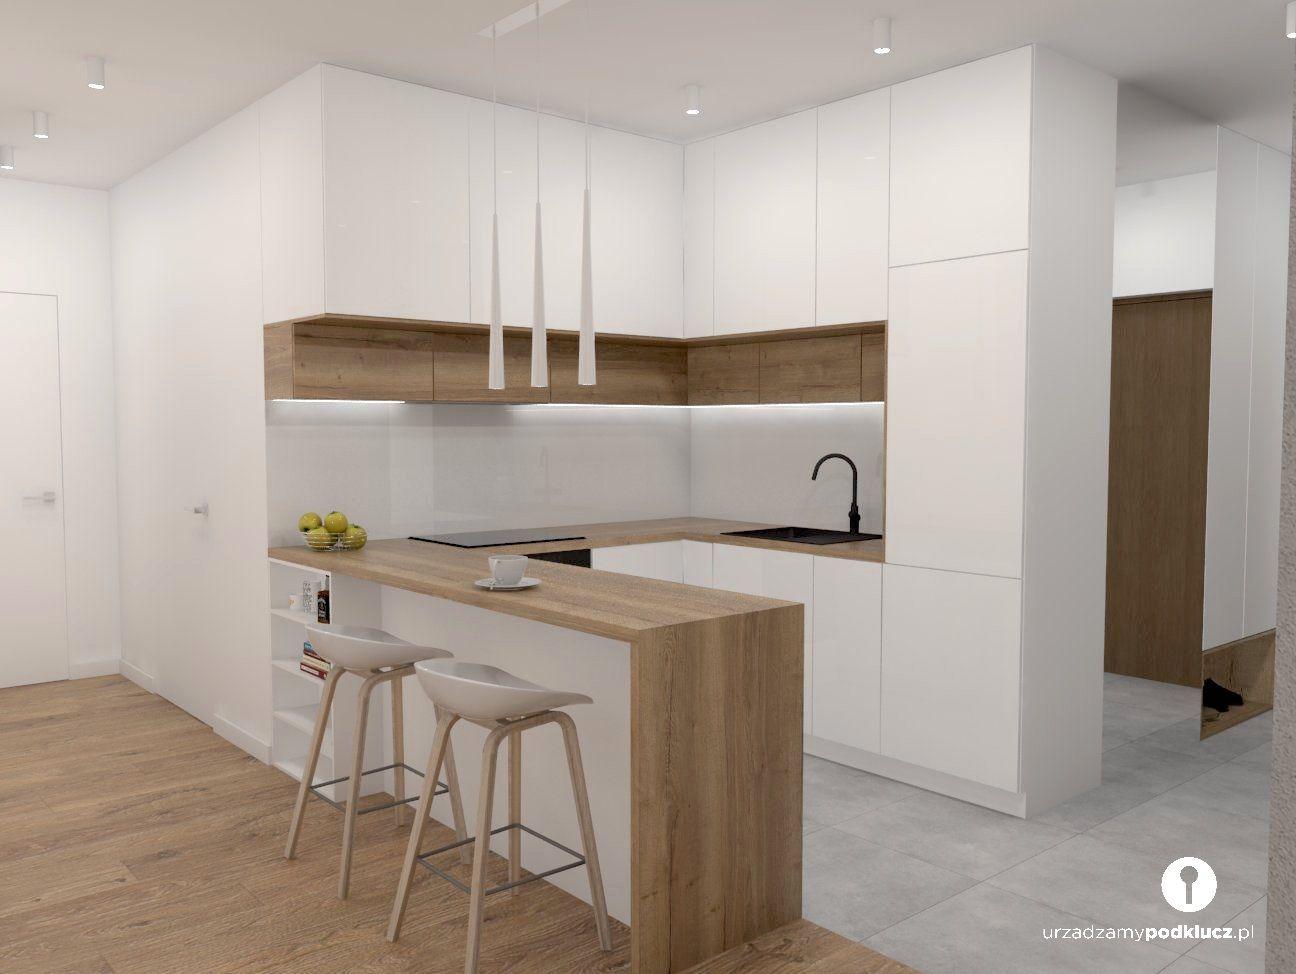 Biala Kuchnia Bialo Drewniana Kuchnia Kuchnia Otwarta Na Salon Kitchen Room Design Kitchen Inspiration Design Modern Kitchen Cabinet Design